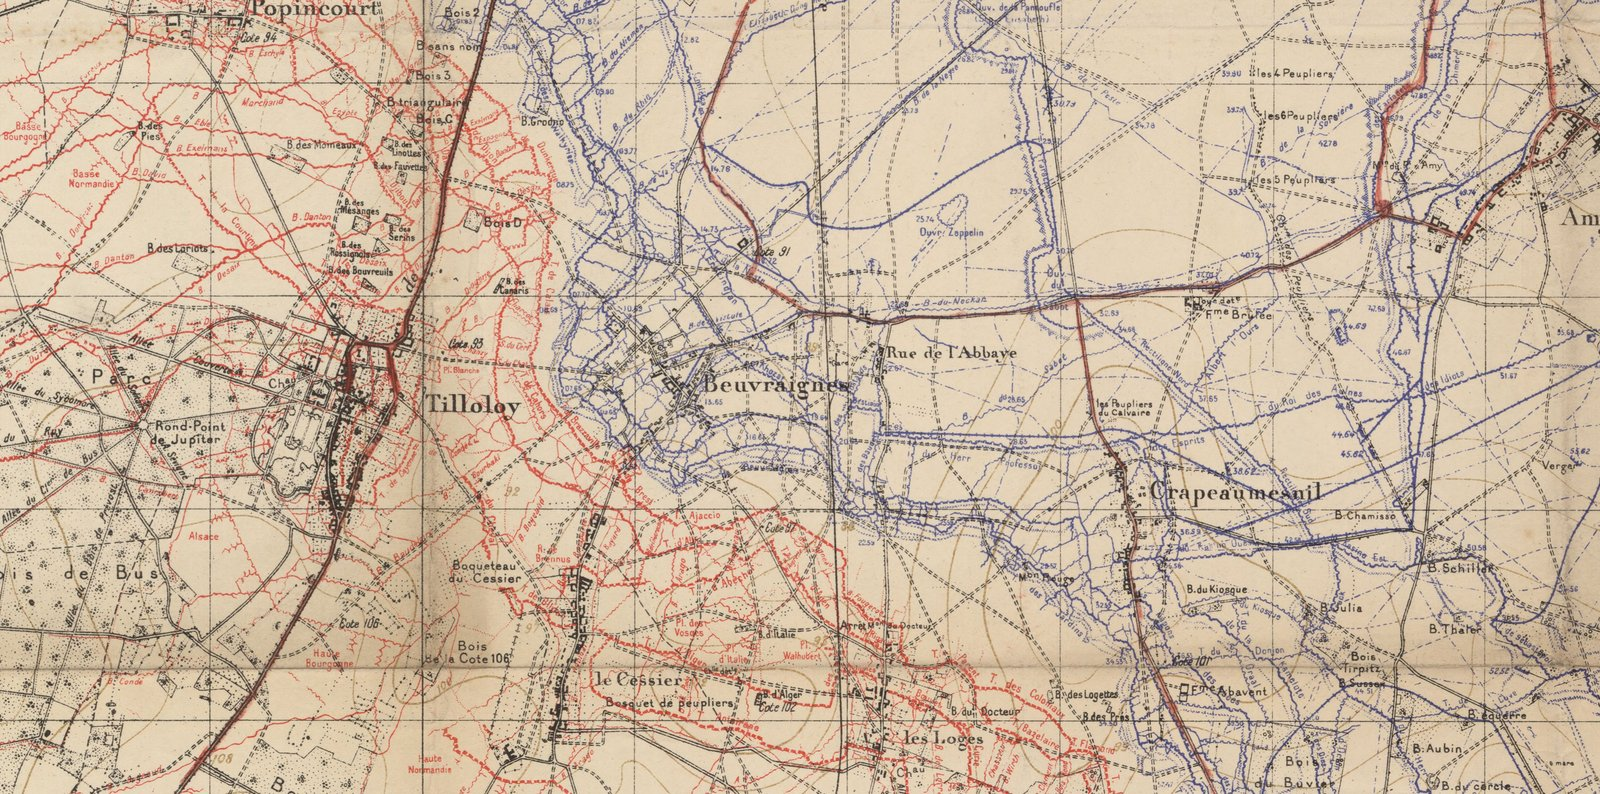 Carte-Beuvraignes2